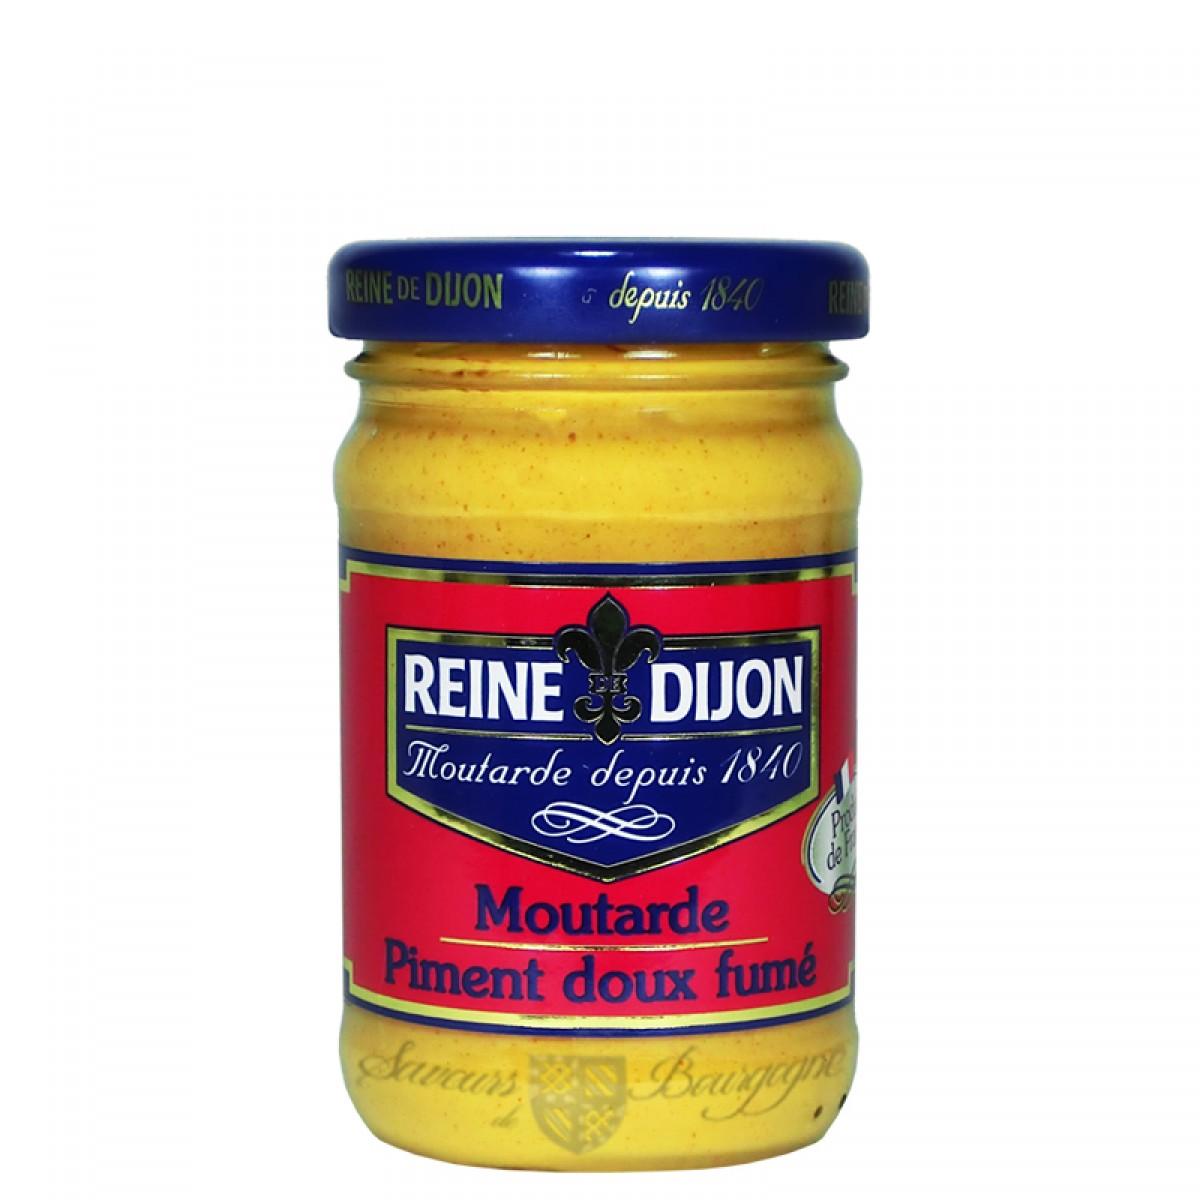 Moutarde piment doux fum 100g saveurs de bourgogne vente de produits du - Moutarde fallot vente ...